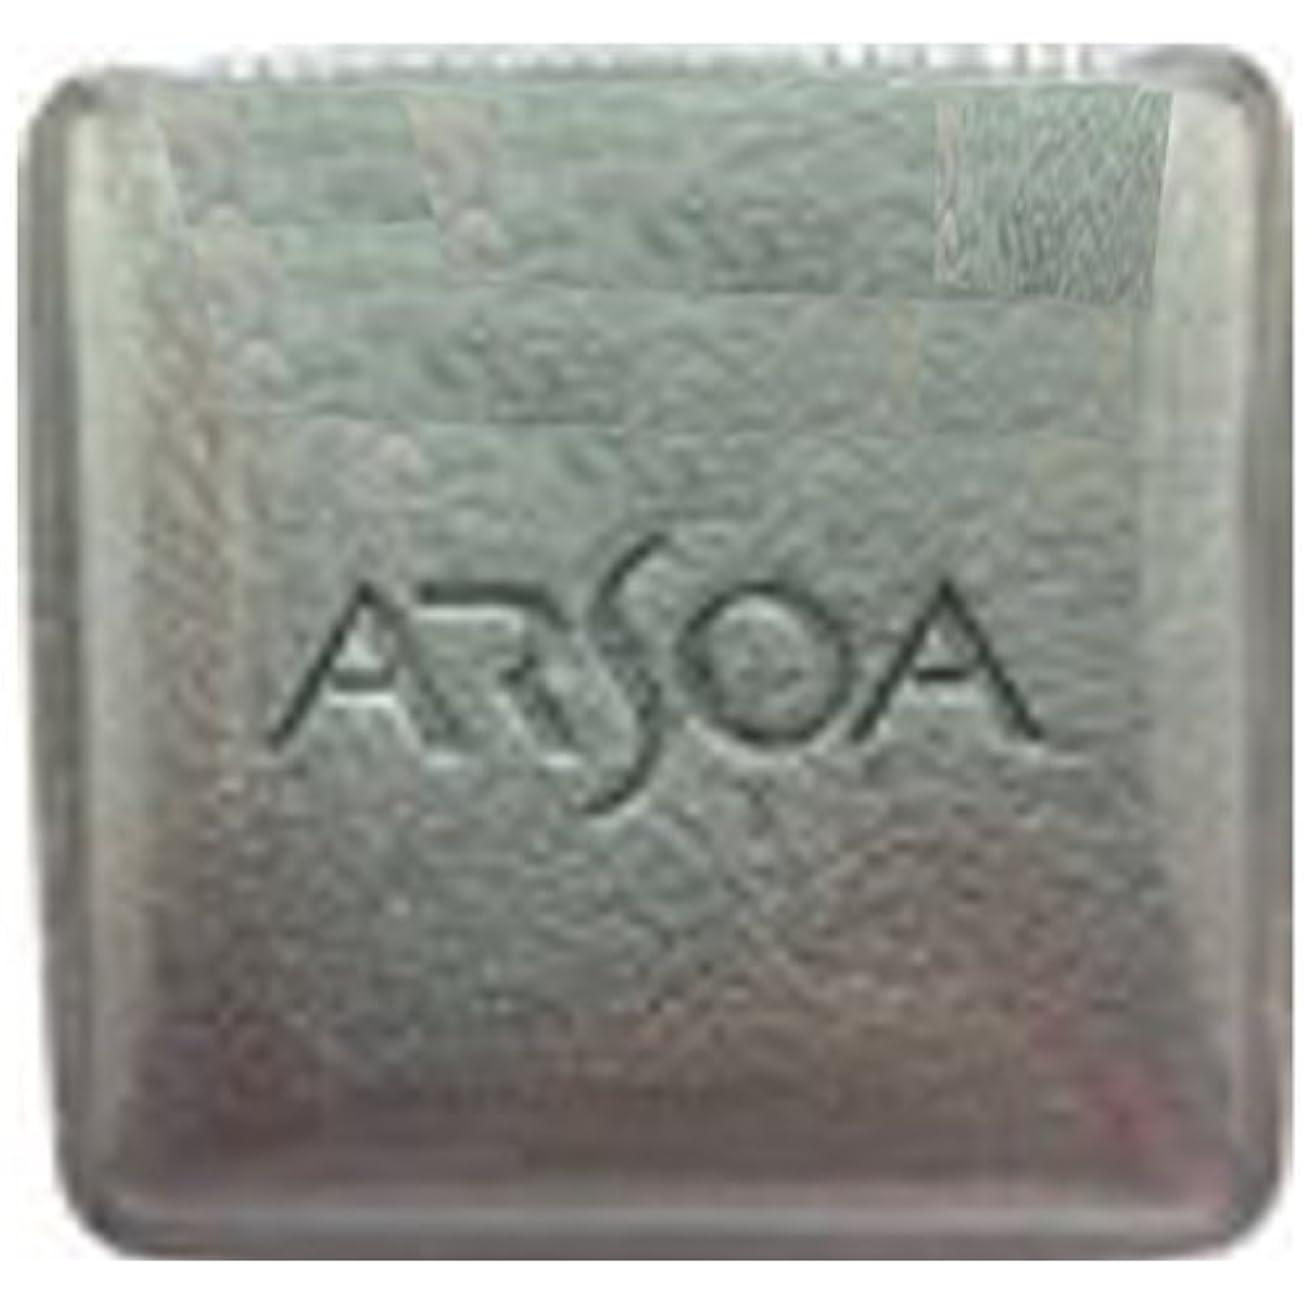 [箱不良?外箱無]アルソア(ARSOA)クイーンシルバー(リフィル)135g[並行輸入品]